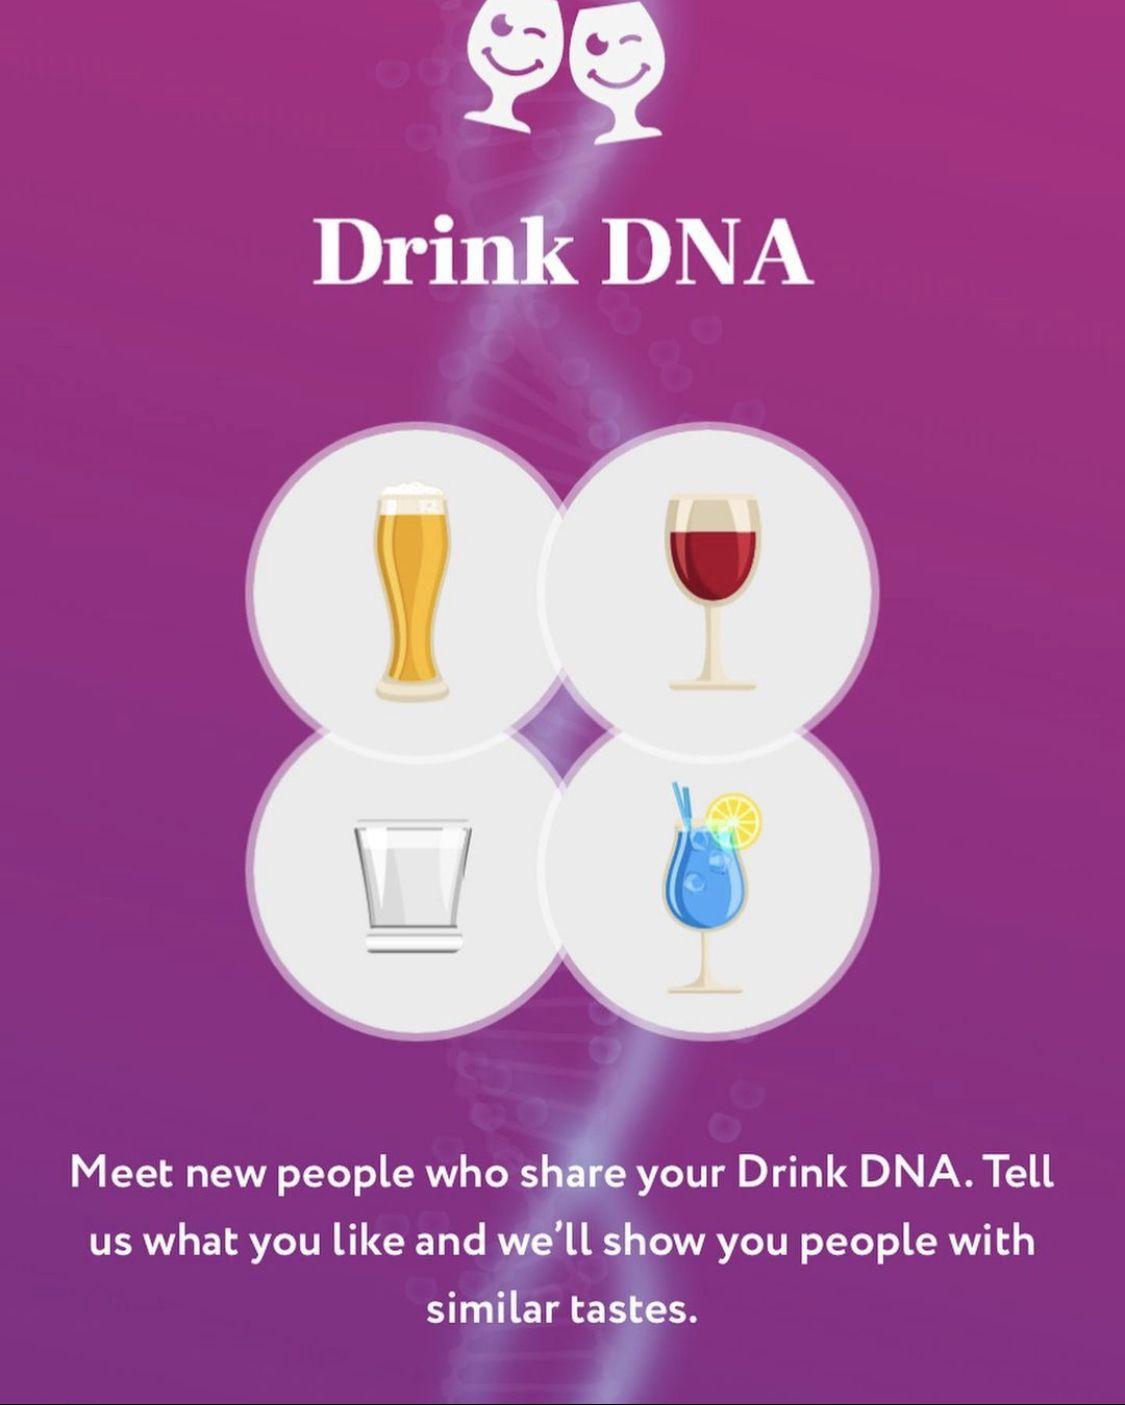 Drink DNA